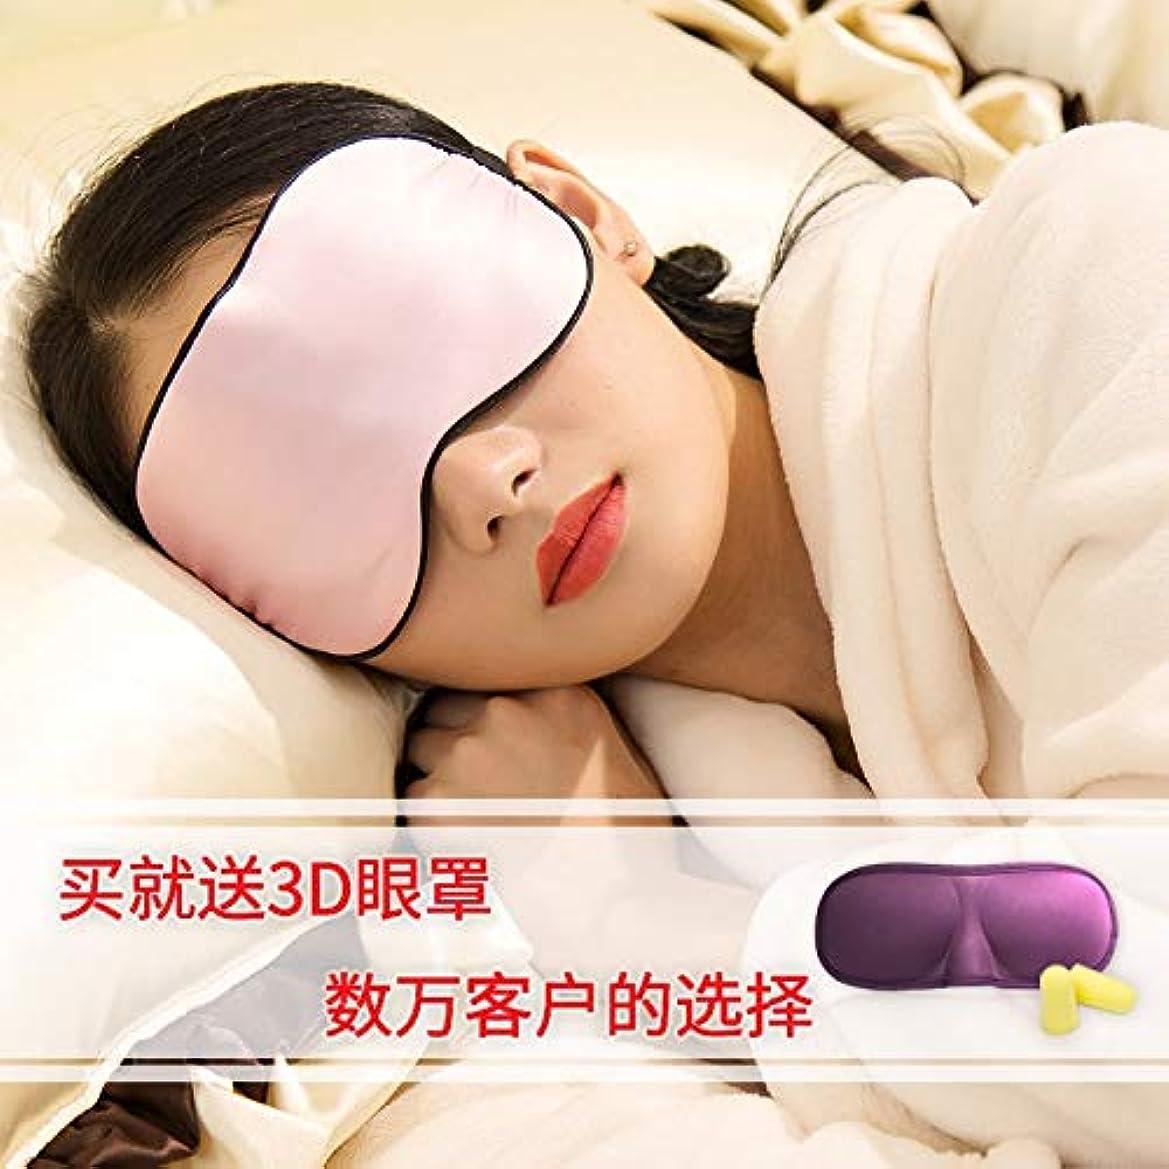 泣いている代数を除くNOTE 100%シルクの快適な睡眠用アイマスク、耳栓で調節可能なアイシェーディング、通気性ゴーグル